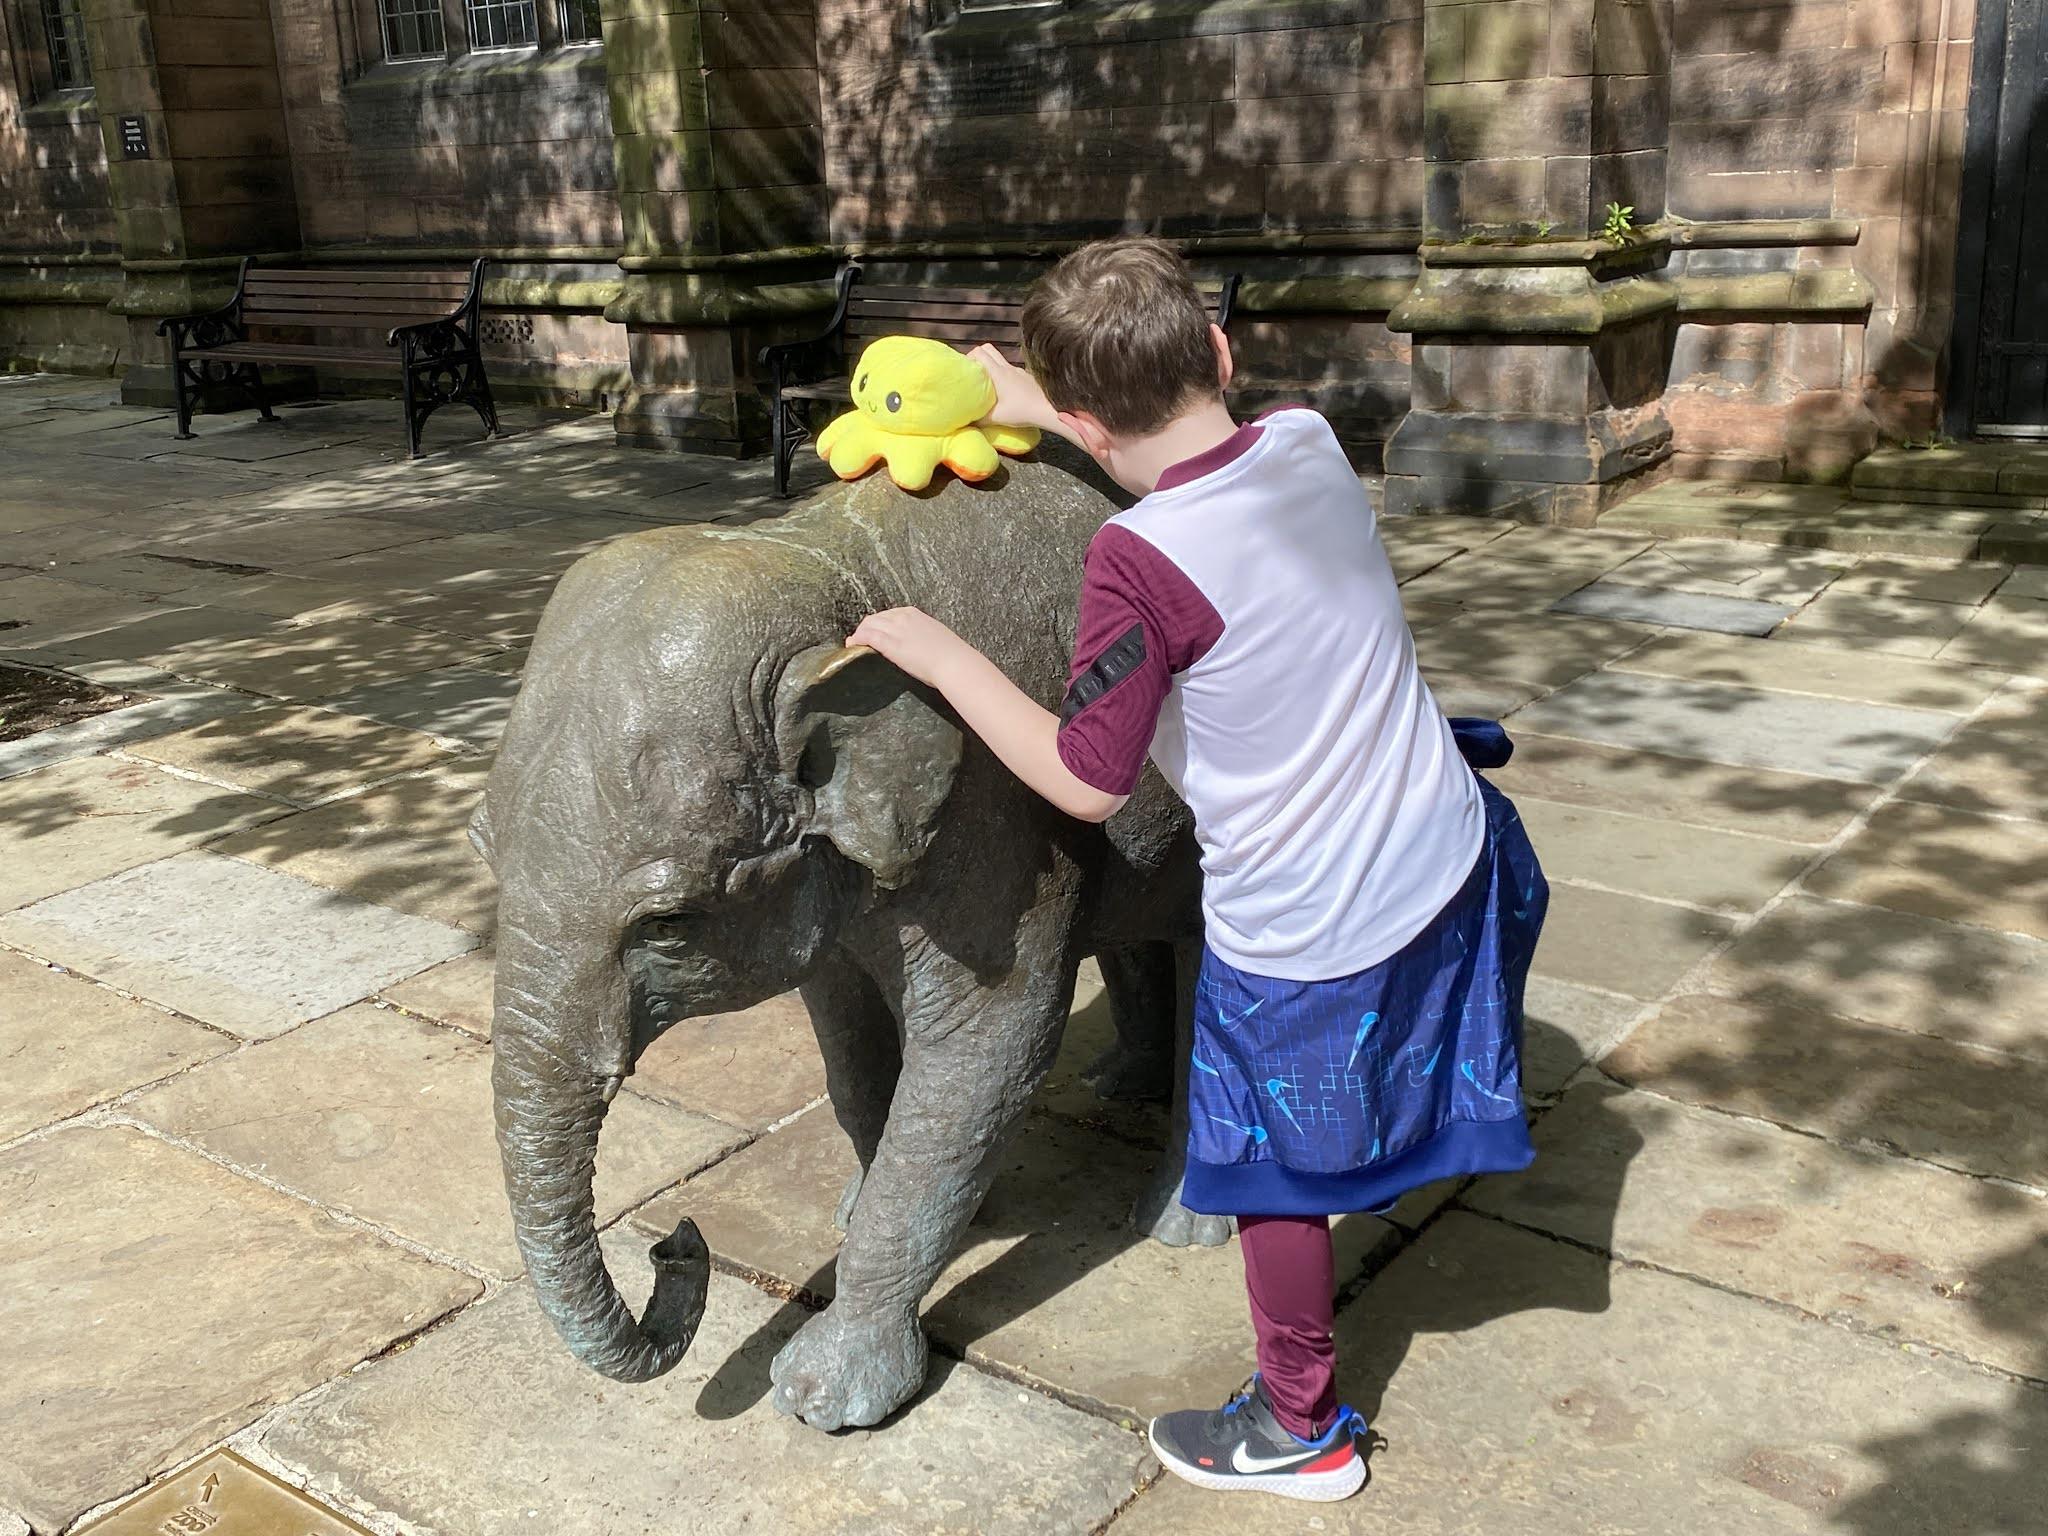 boy climbing an elephant statue